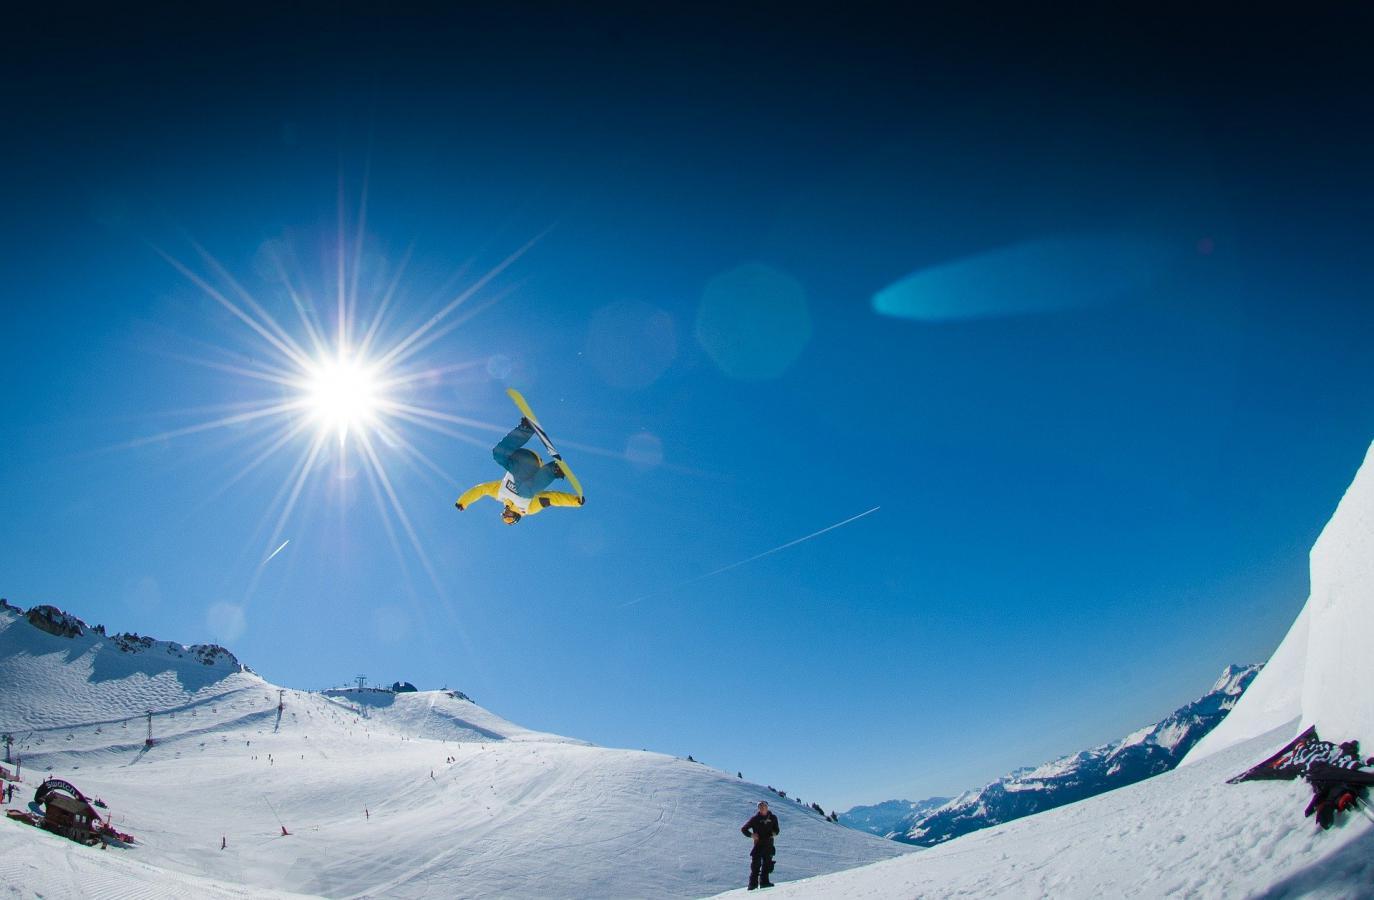 Comment choisir son matériel de snowboard ?